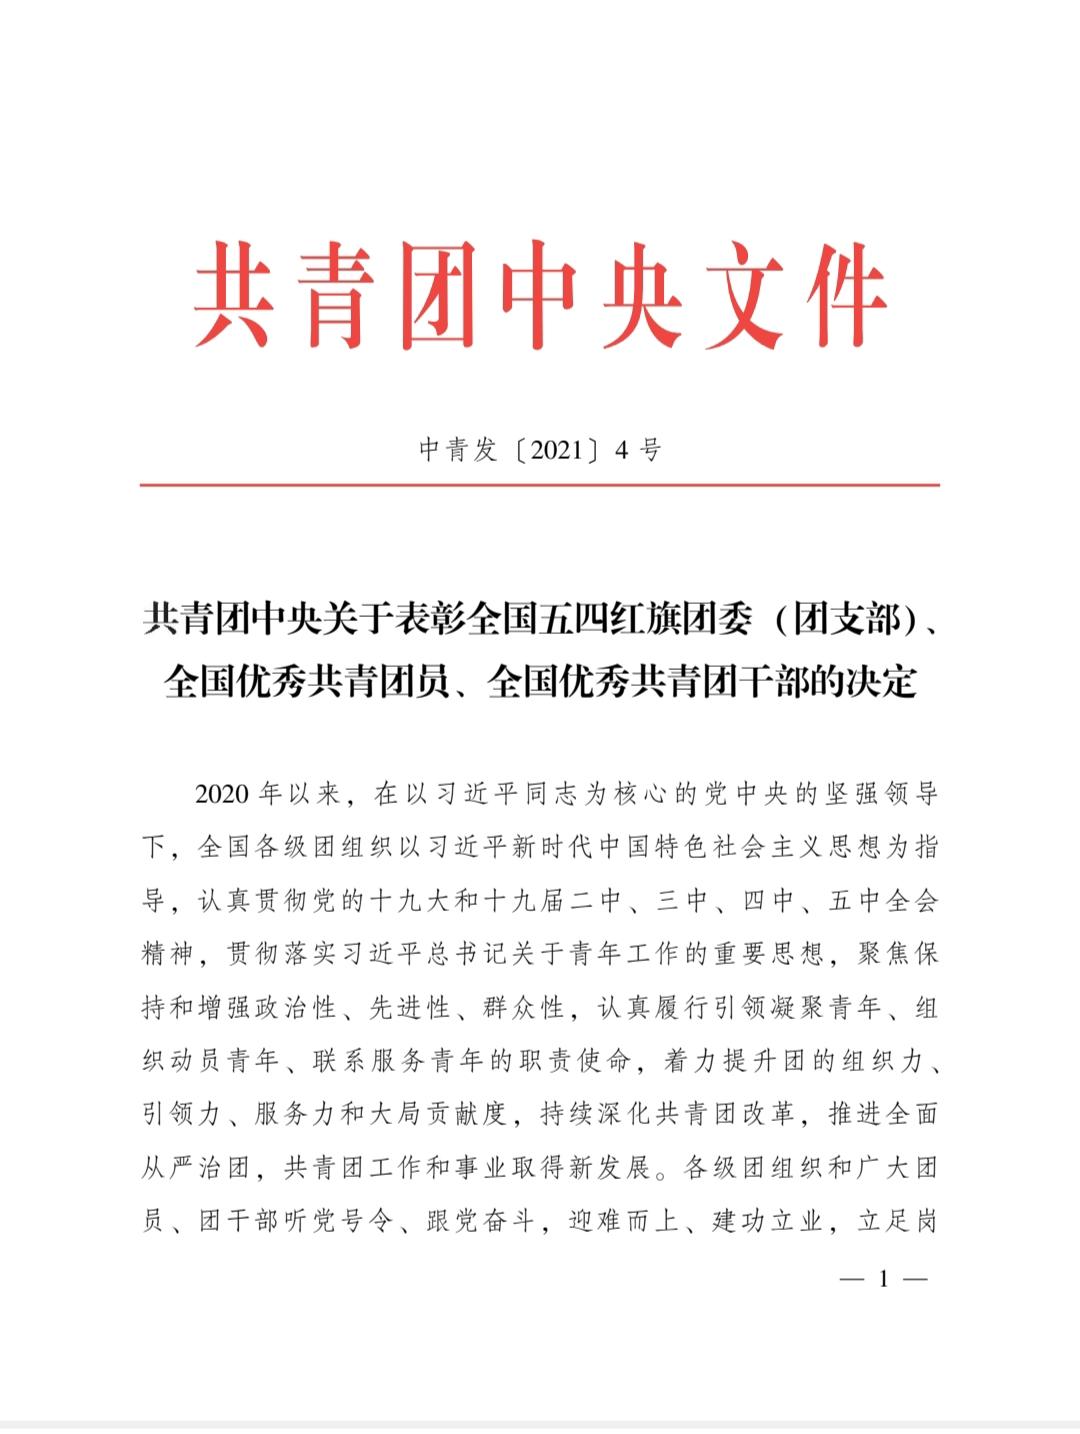 """遂宁市交警支队直属一大队再获团中央授予""""全国五四红旗集体""""称号"""